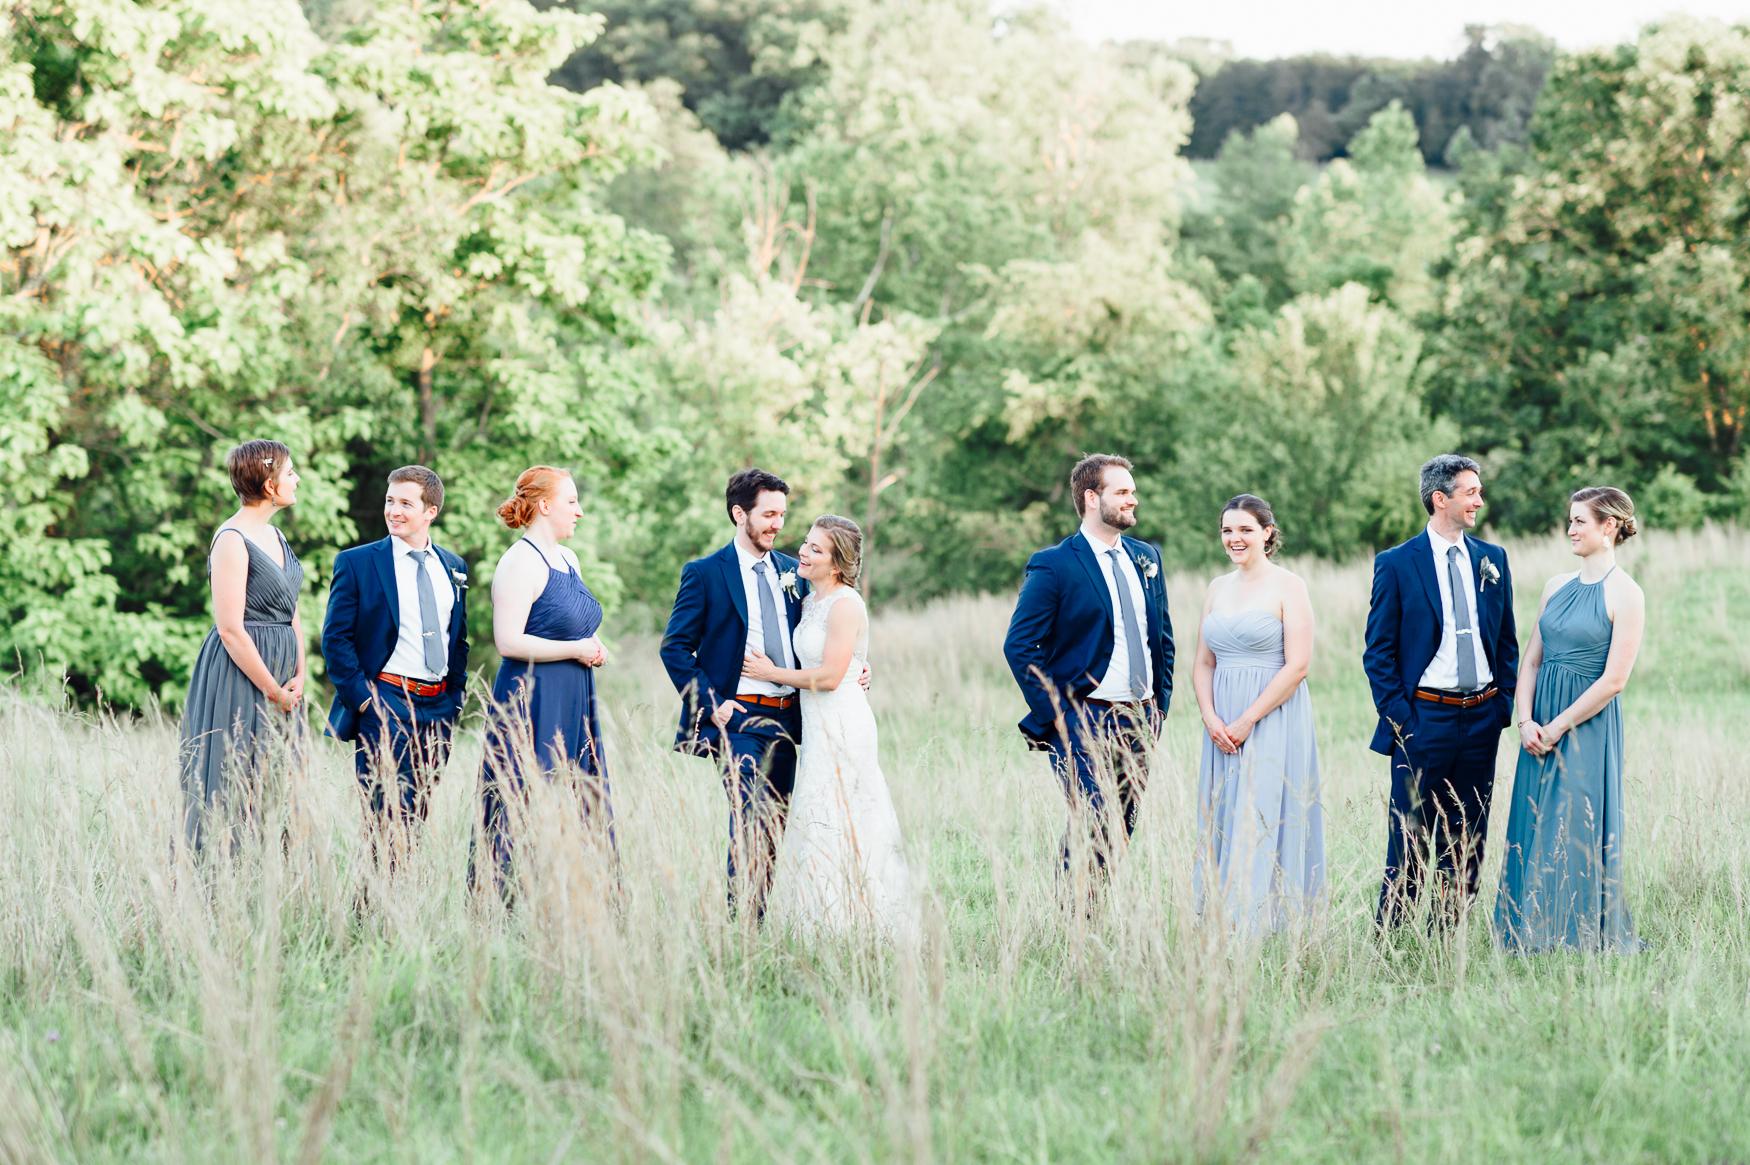 charlottesvillewedding_backyardwedding_virginia_youseephotography_CaitlinDerek (99).jpg